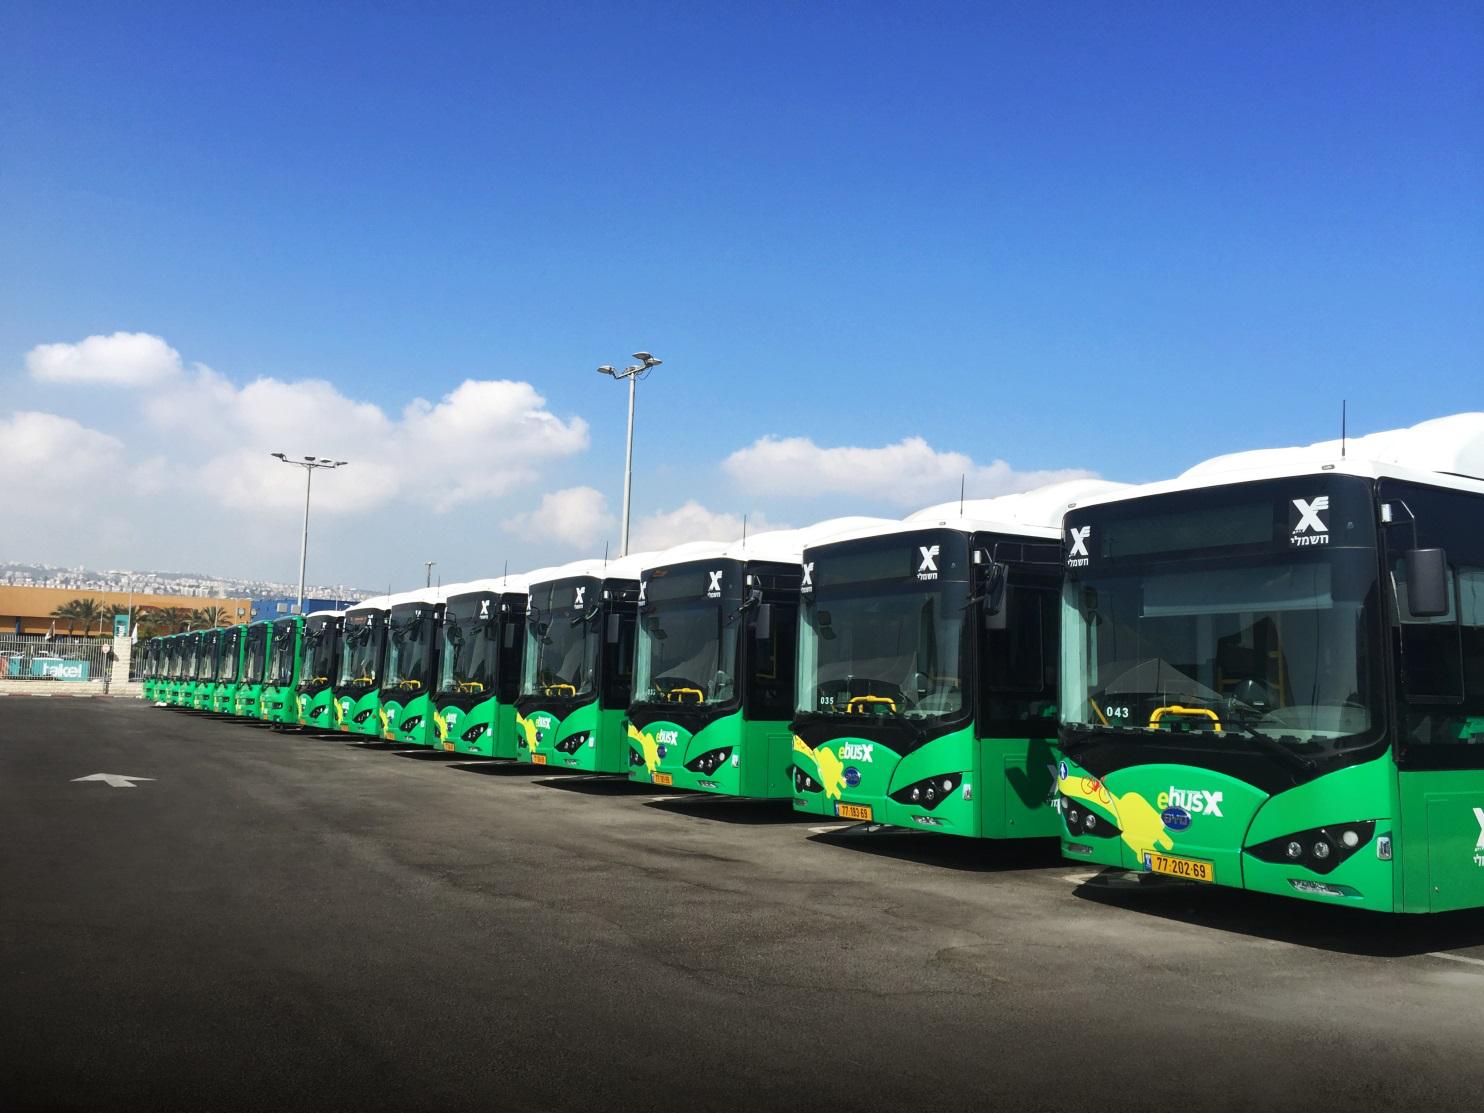 绿色交通获认可 比亚迪打造以色列首支纯电动大巴车队